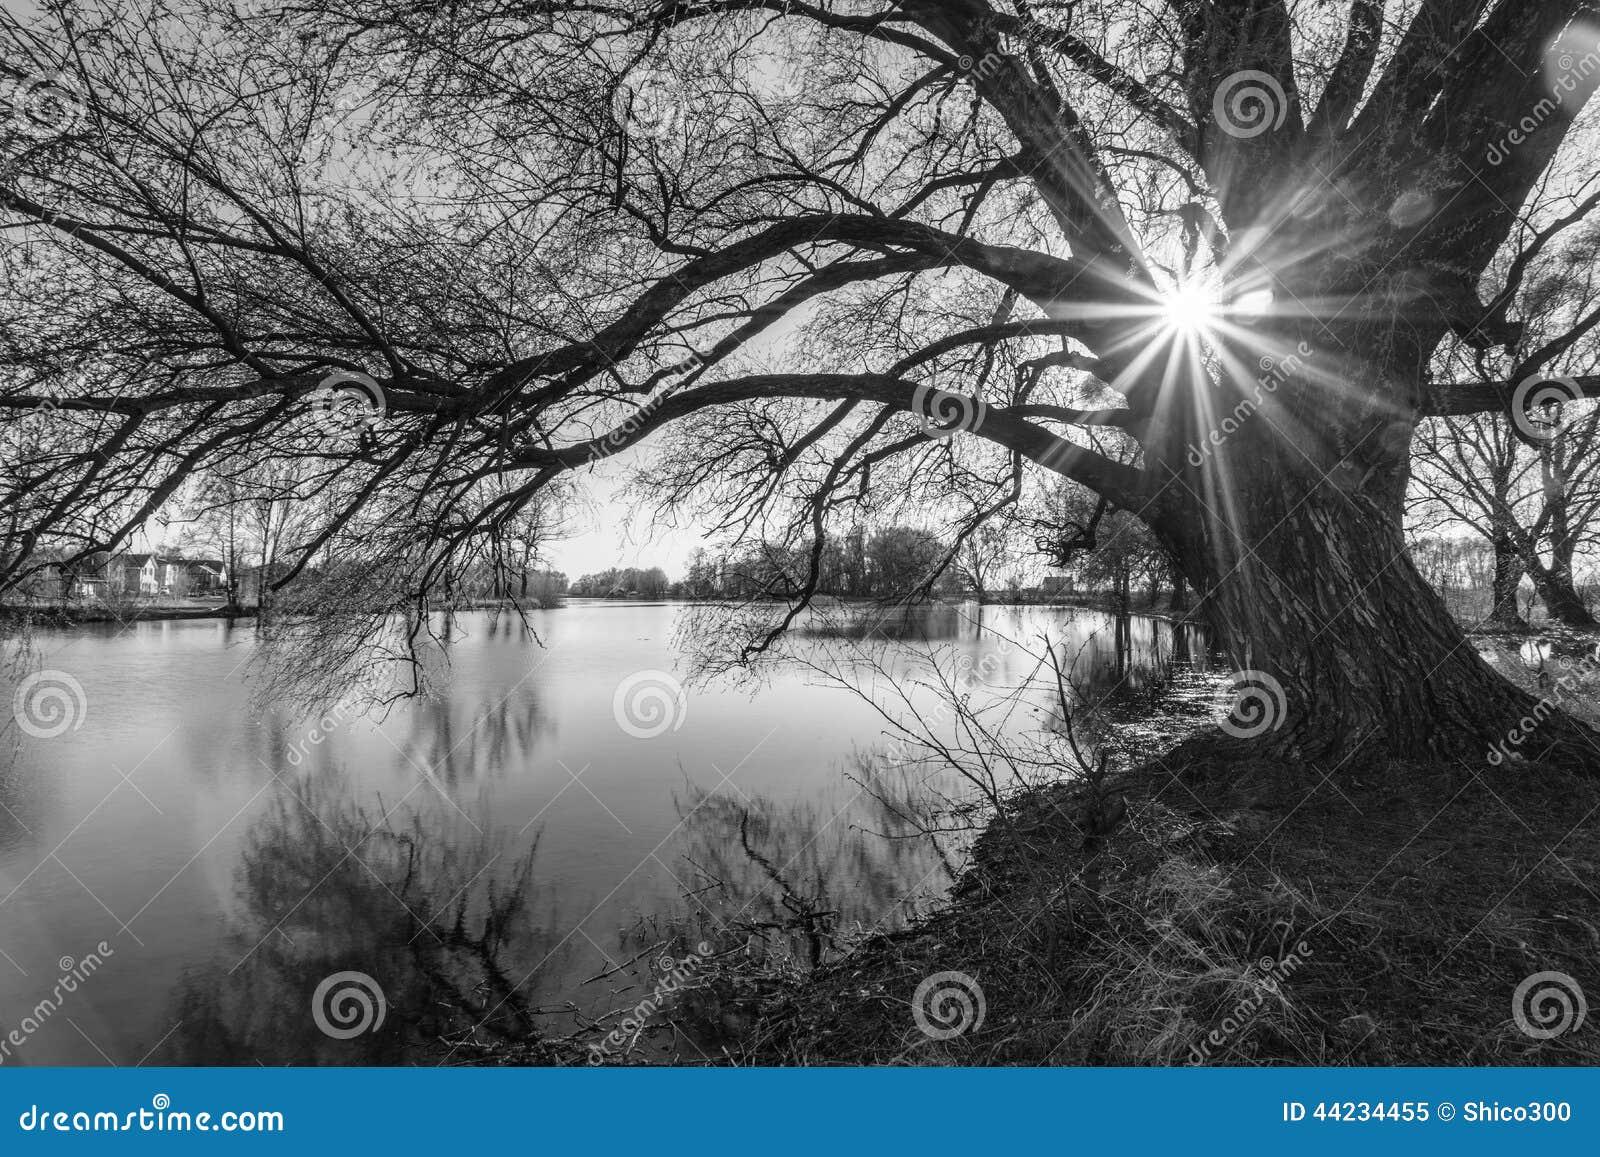 Siluetta in bianco e nero dell 39 albero nel tempo di alba for Foto hd bianco e nero